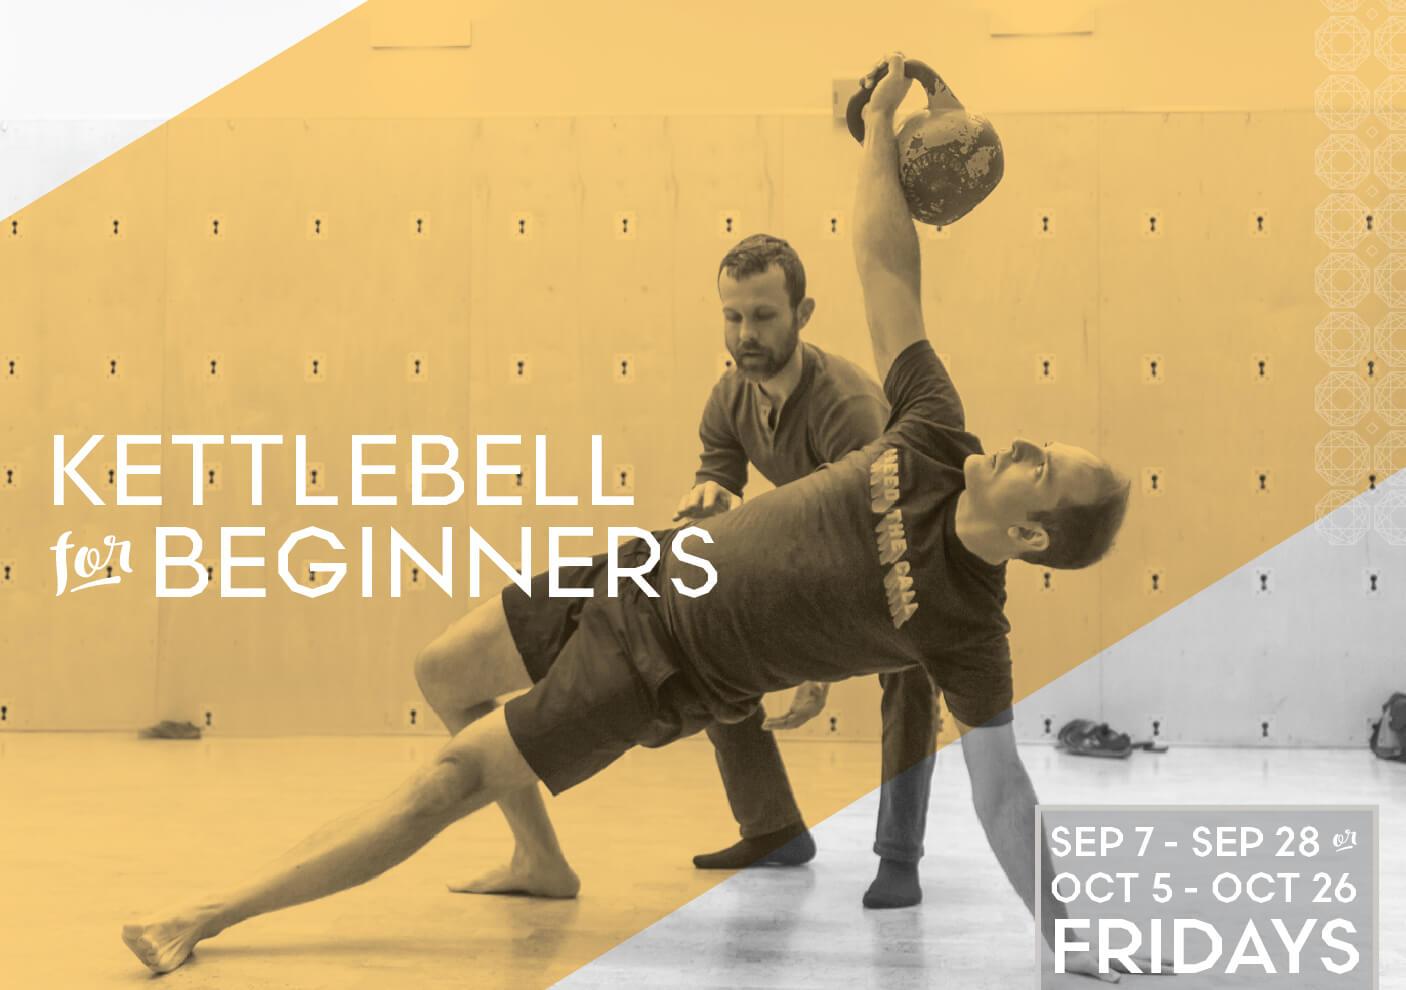 Kettlebell for Beginners